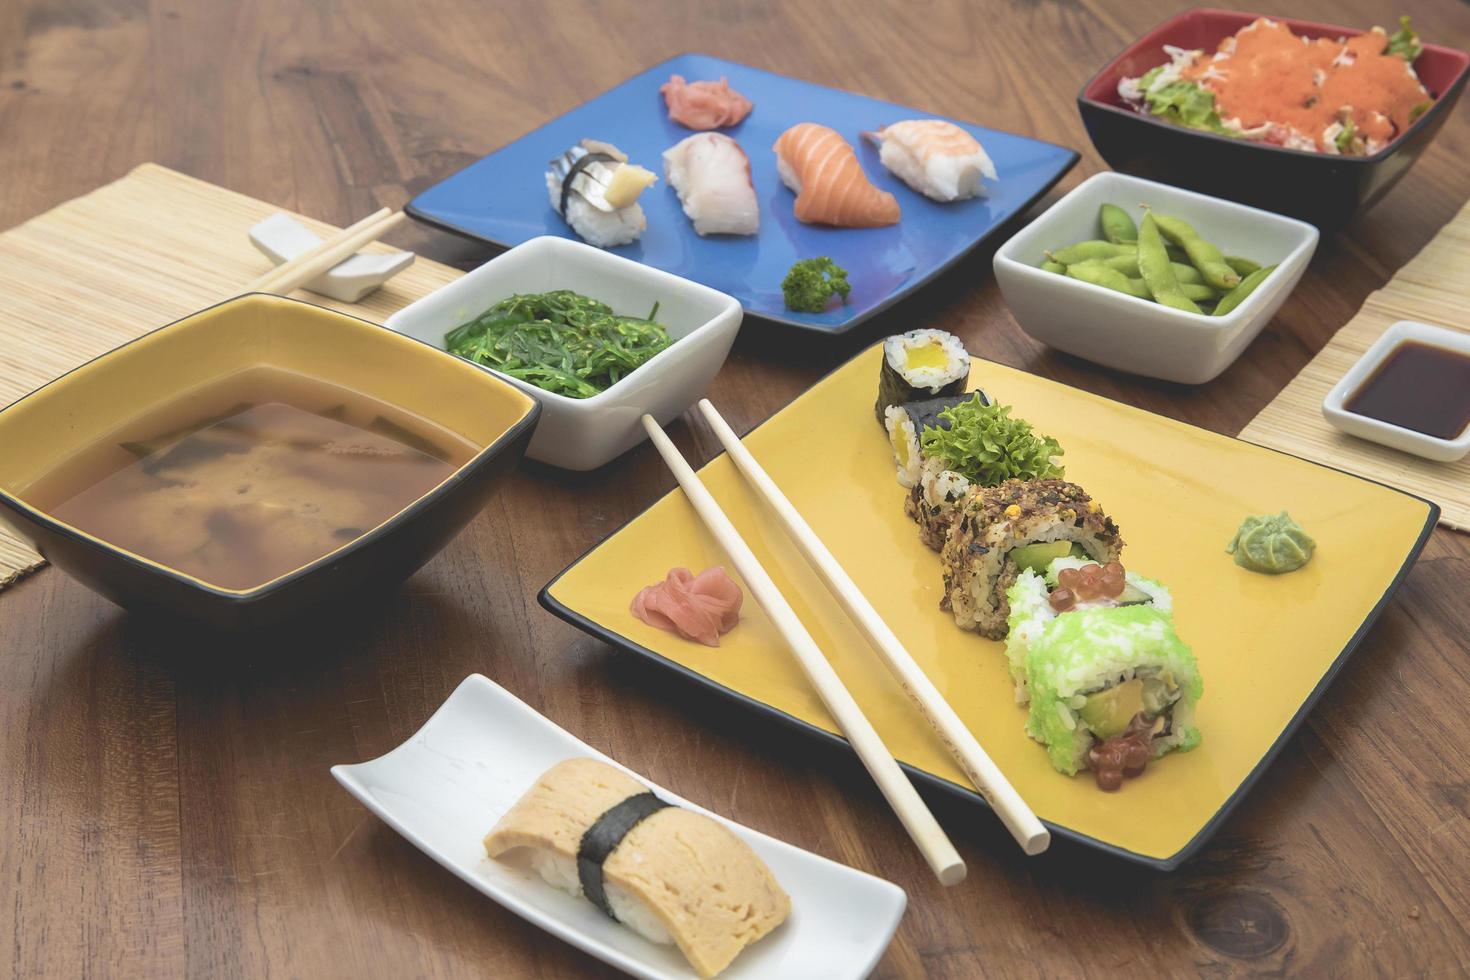 pratos de comida japonesa na mesa de madeira foto